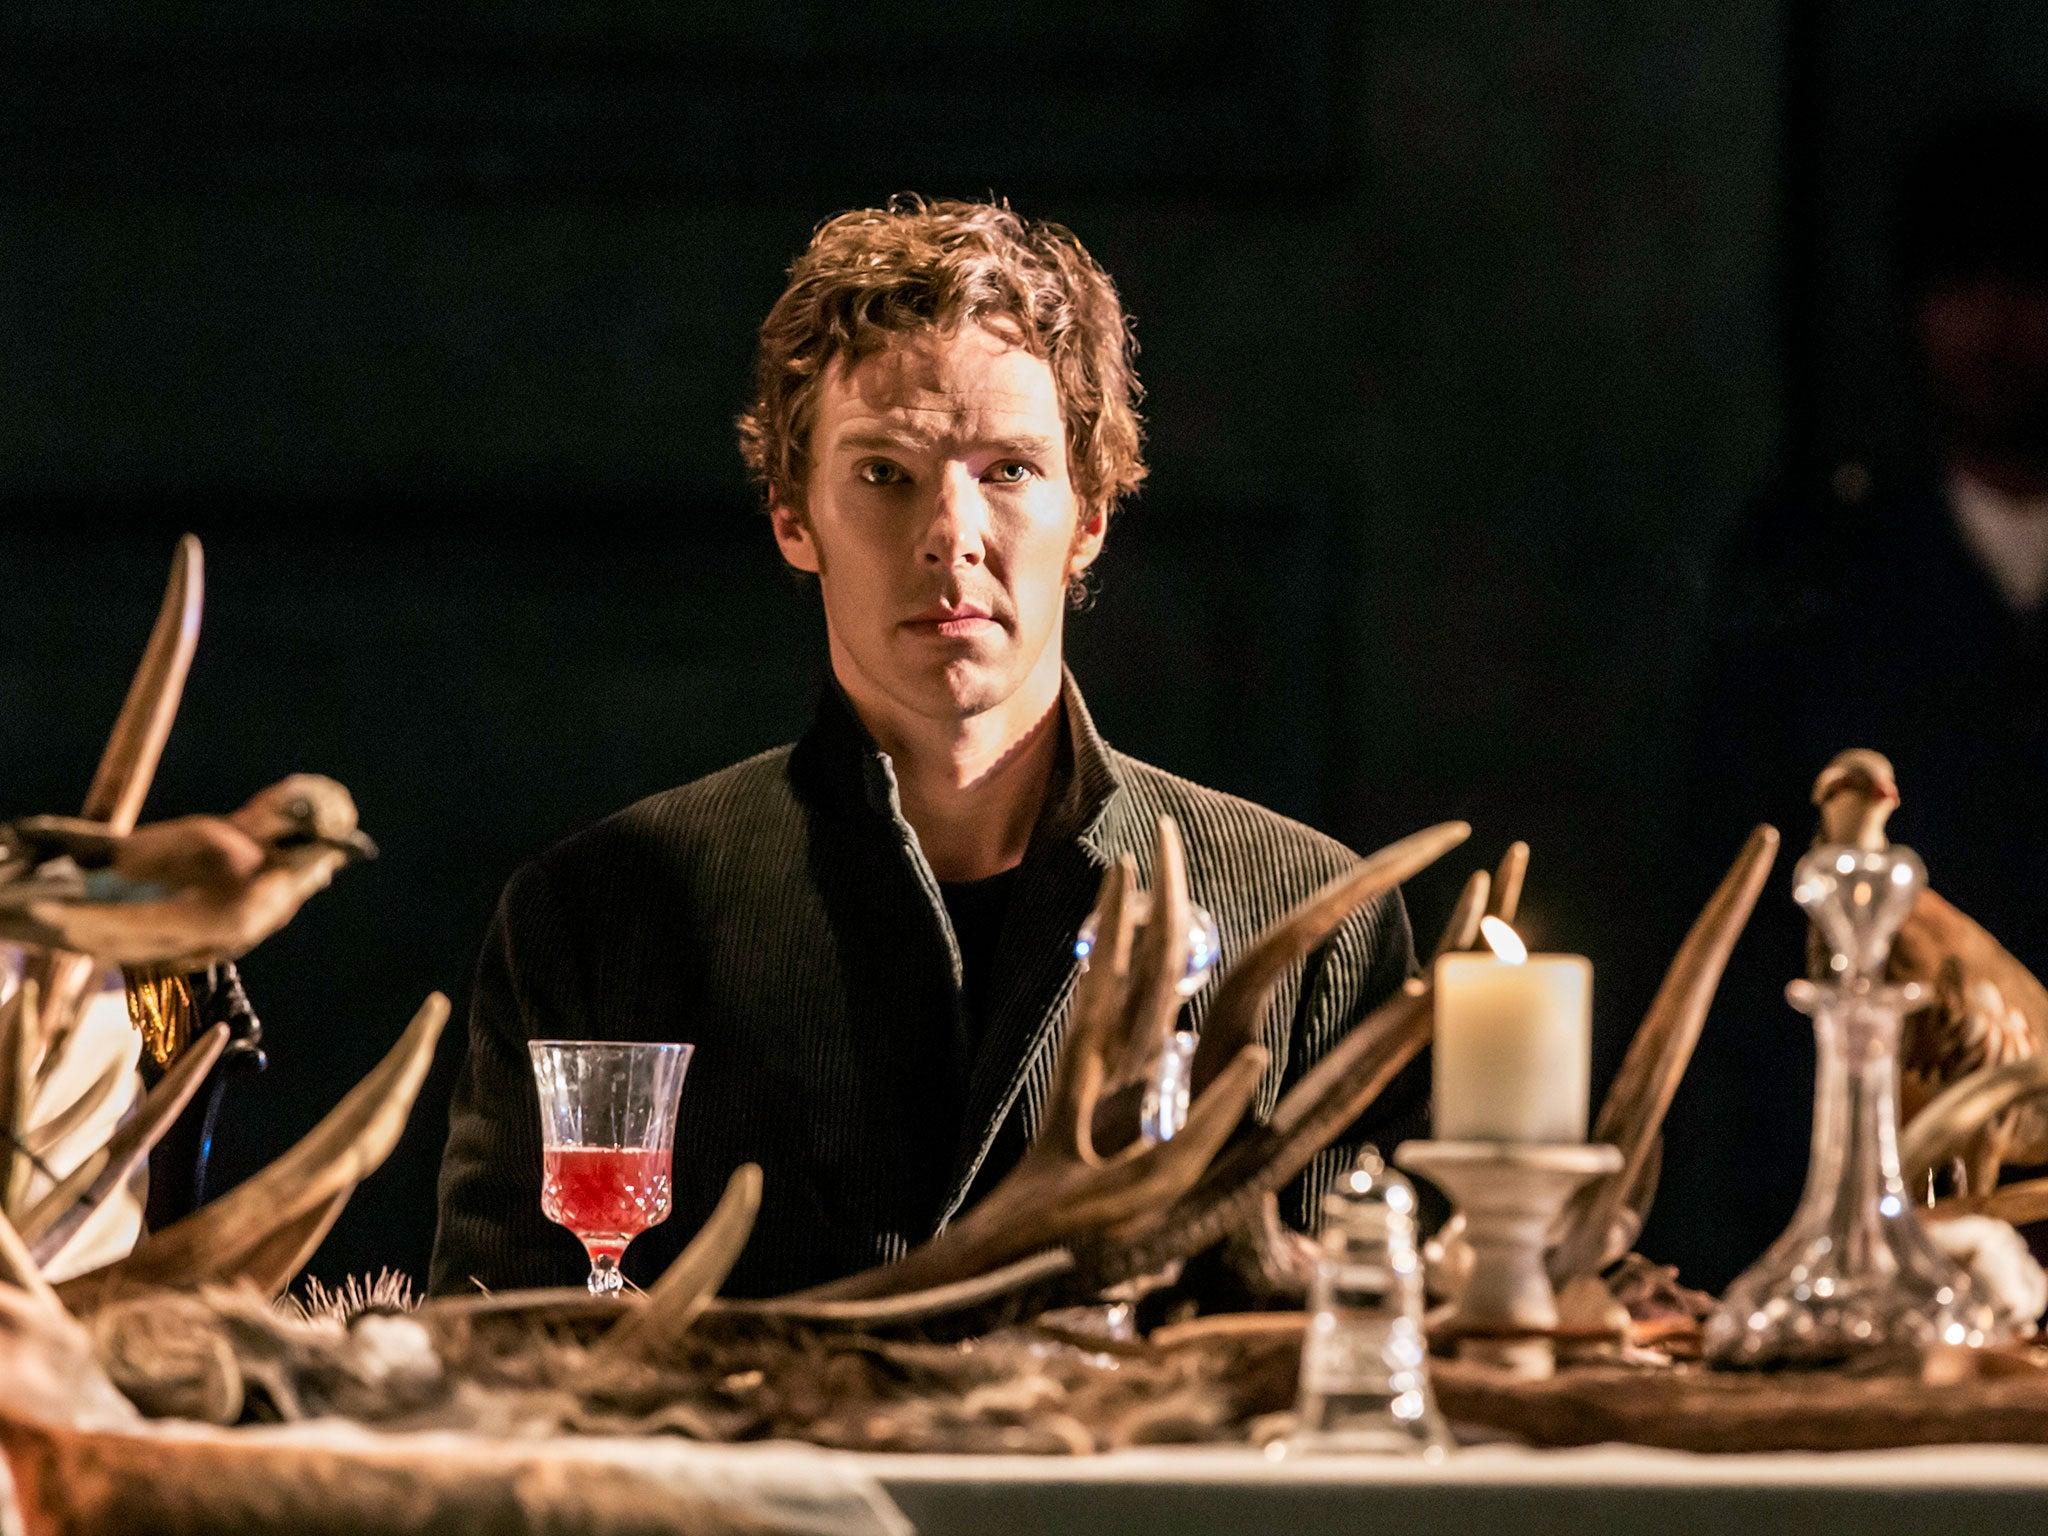 En juillet 2010 Benedict Cumberbatch apparaît à la télévision dans le rôle de Sherlock Holmes de la nouvelle minisérie Sherlock adaptation contemporaine de